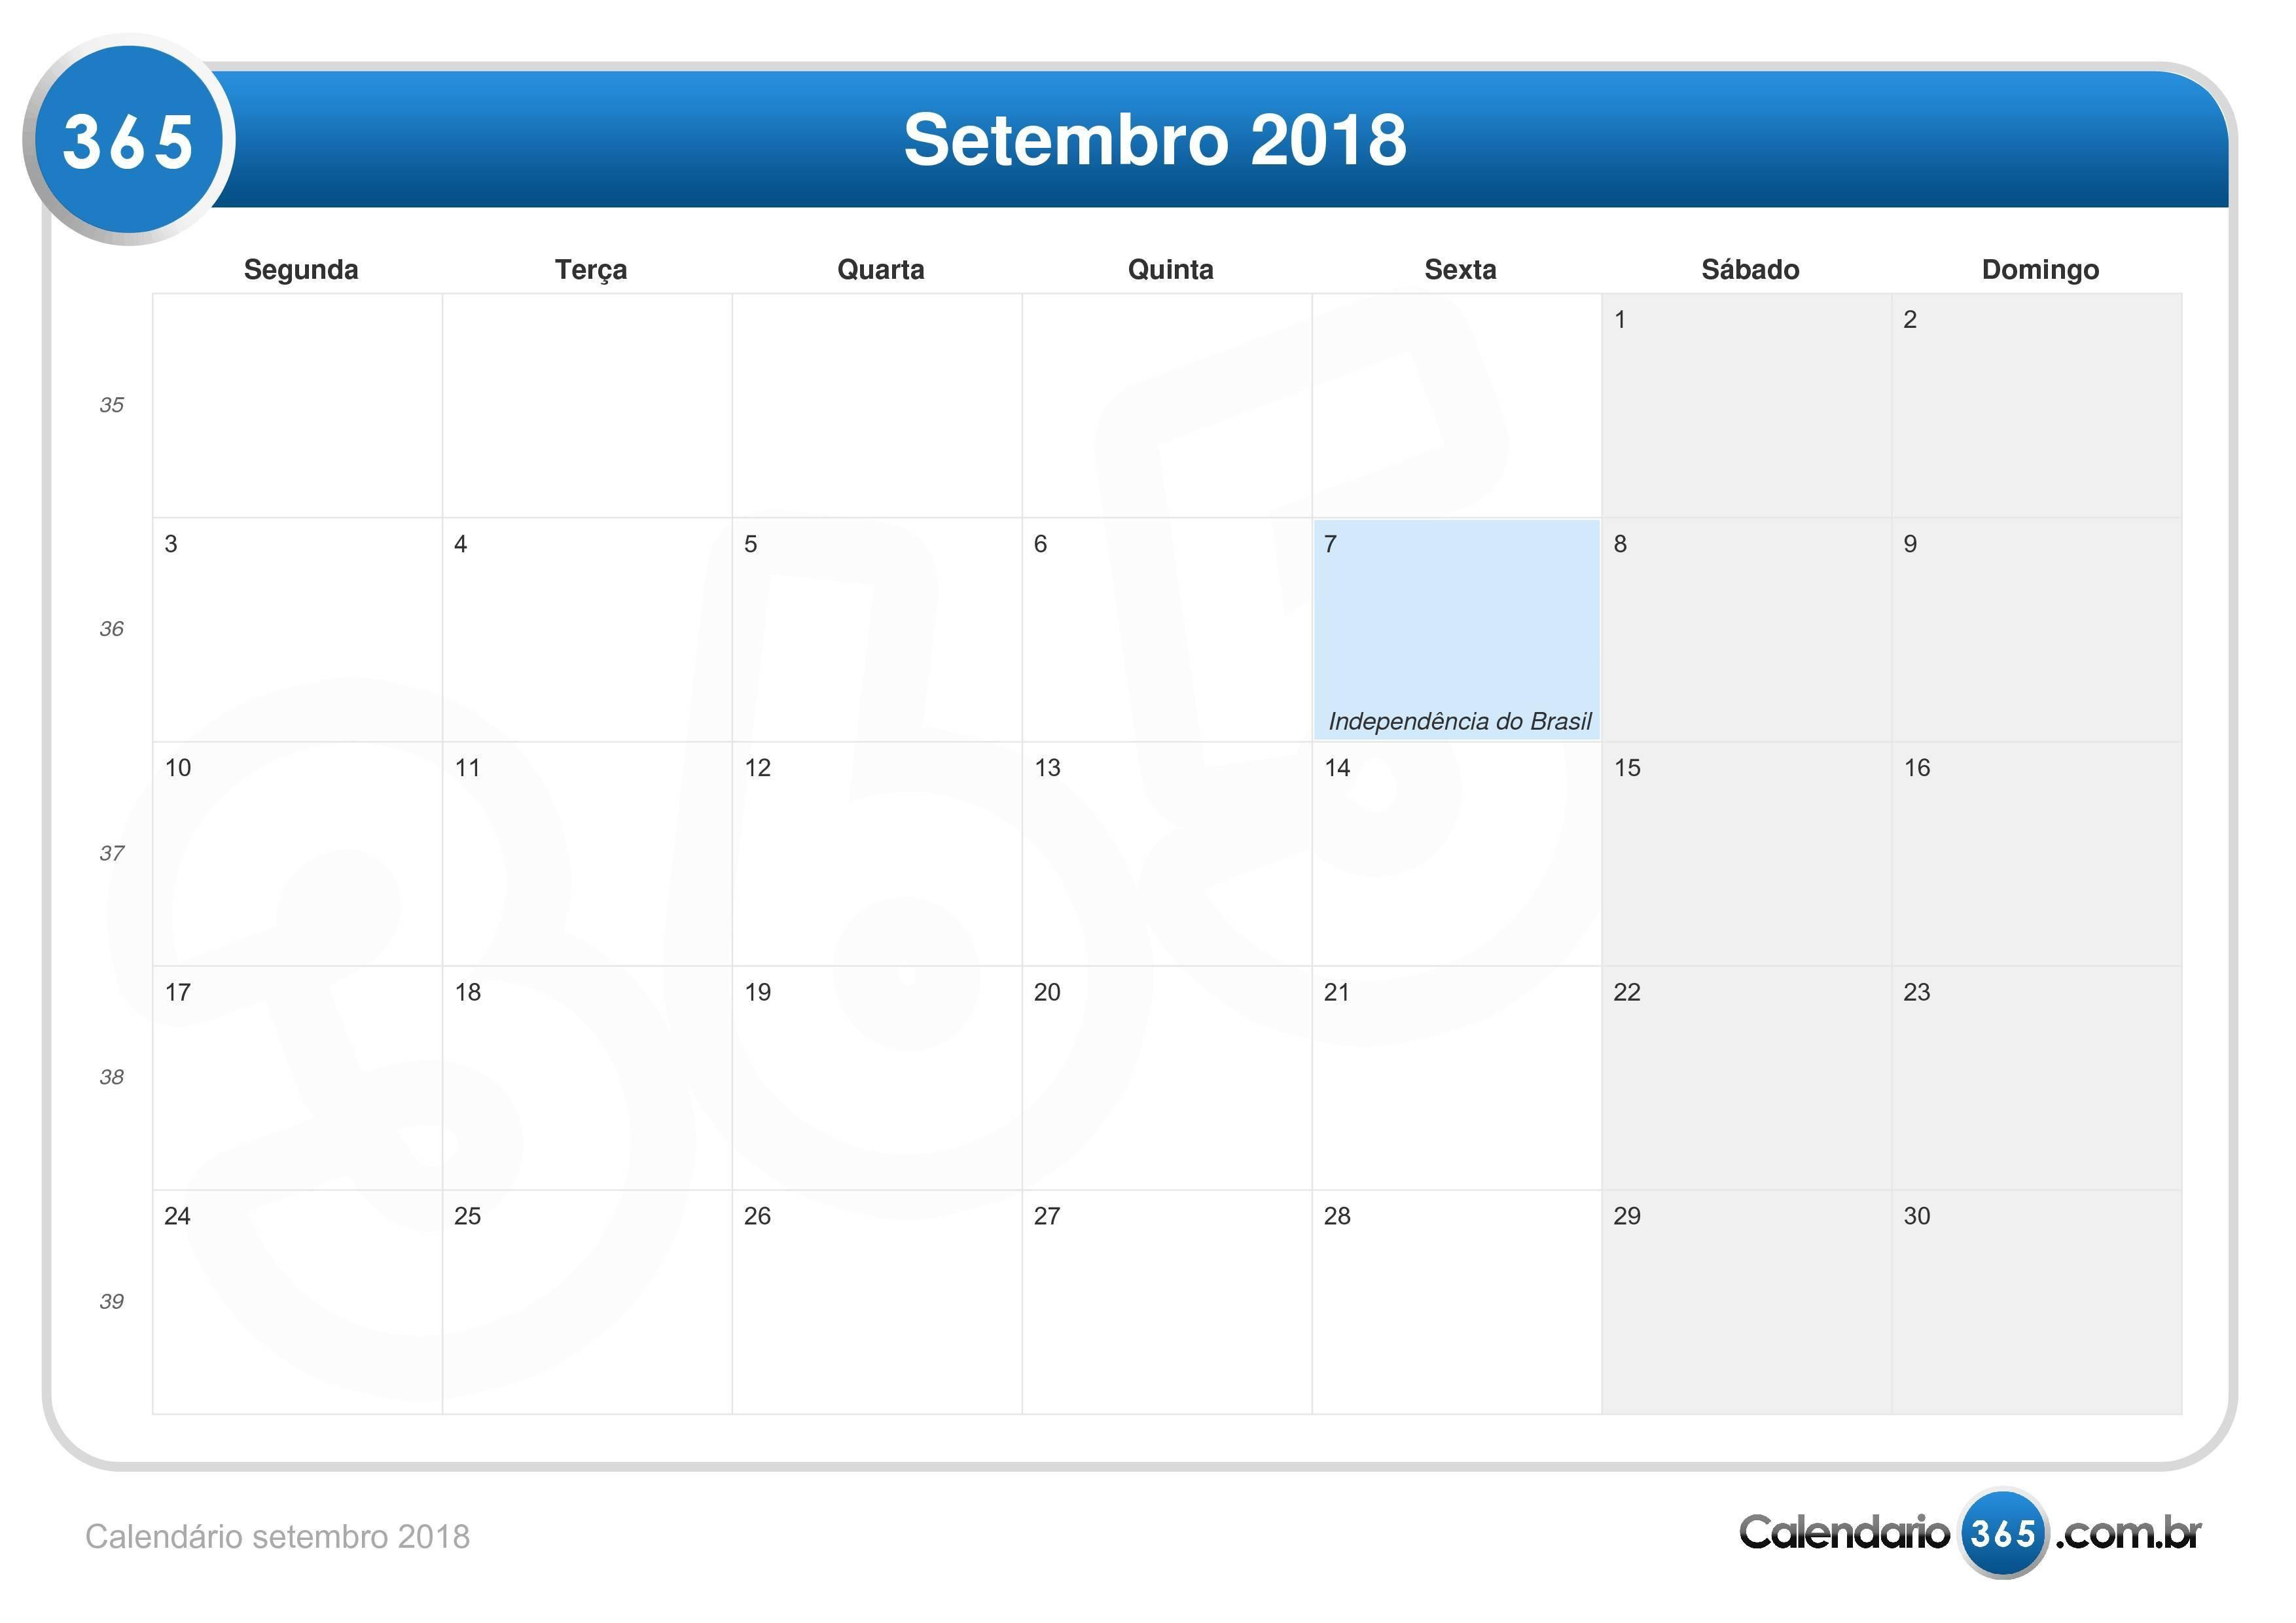 Calendário 2018 Portugal Excel para impress£o calendário setembro 2018